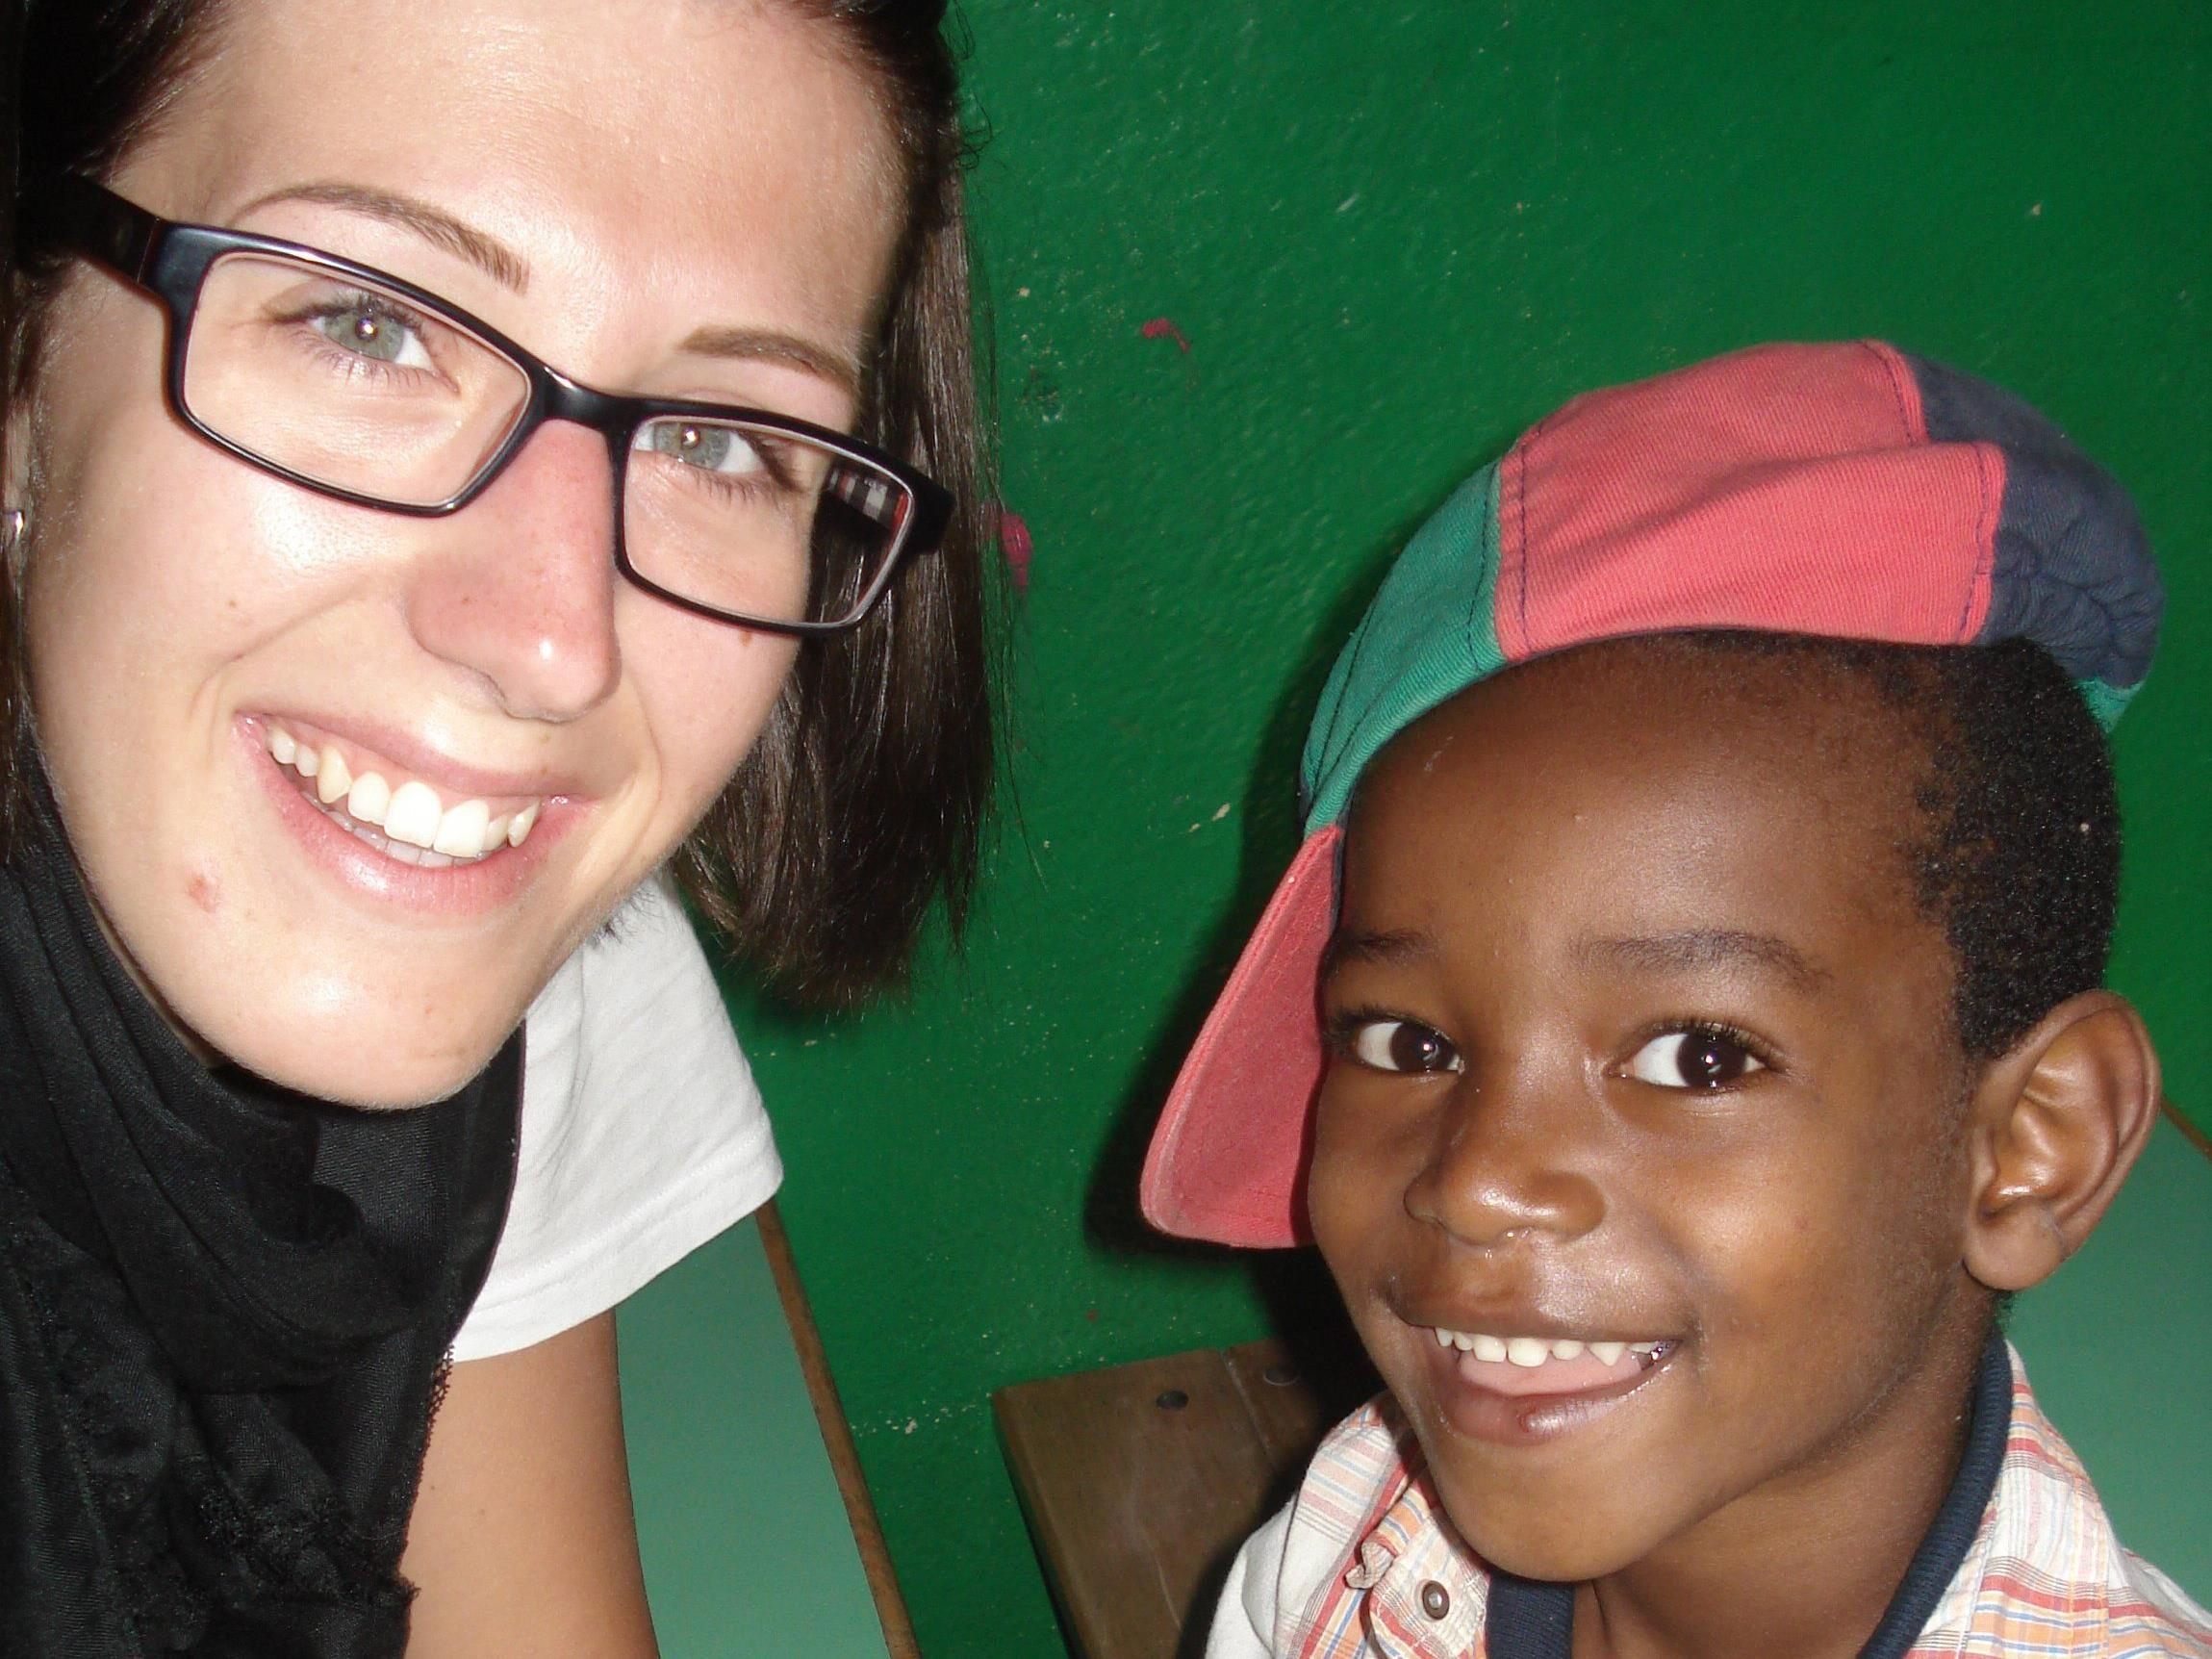 Nicole Heim war als Freiwillige in Äthiopien im Einsatz.